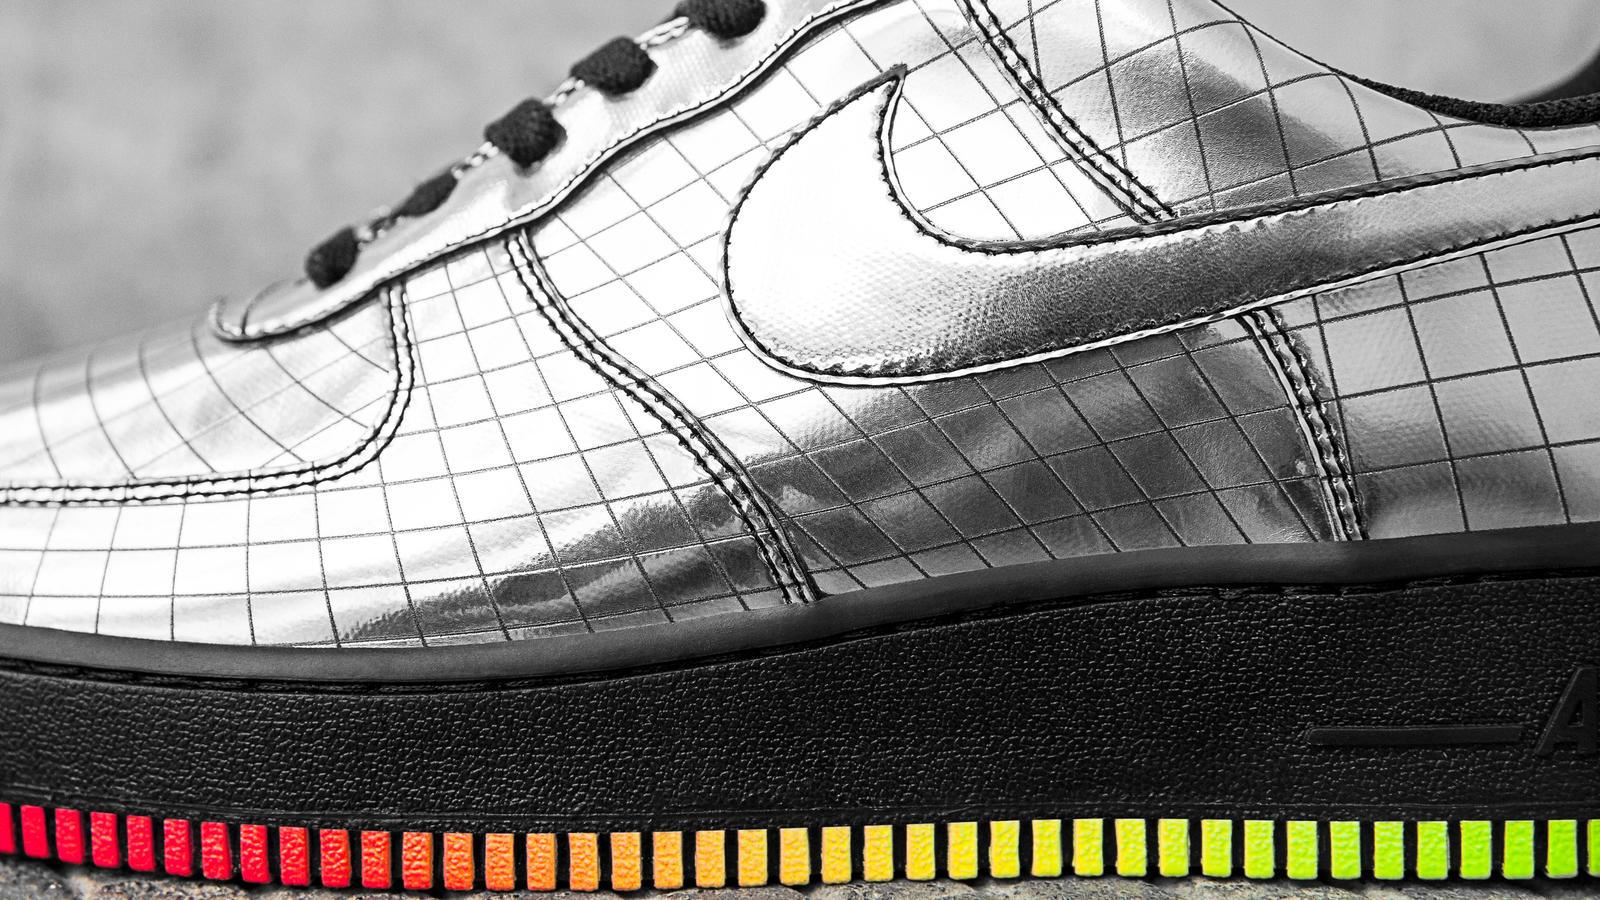 Nike-AF1-Jet-PE-Elton-John-5_hd_1600.jpg